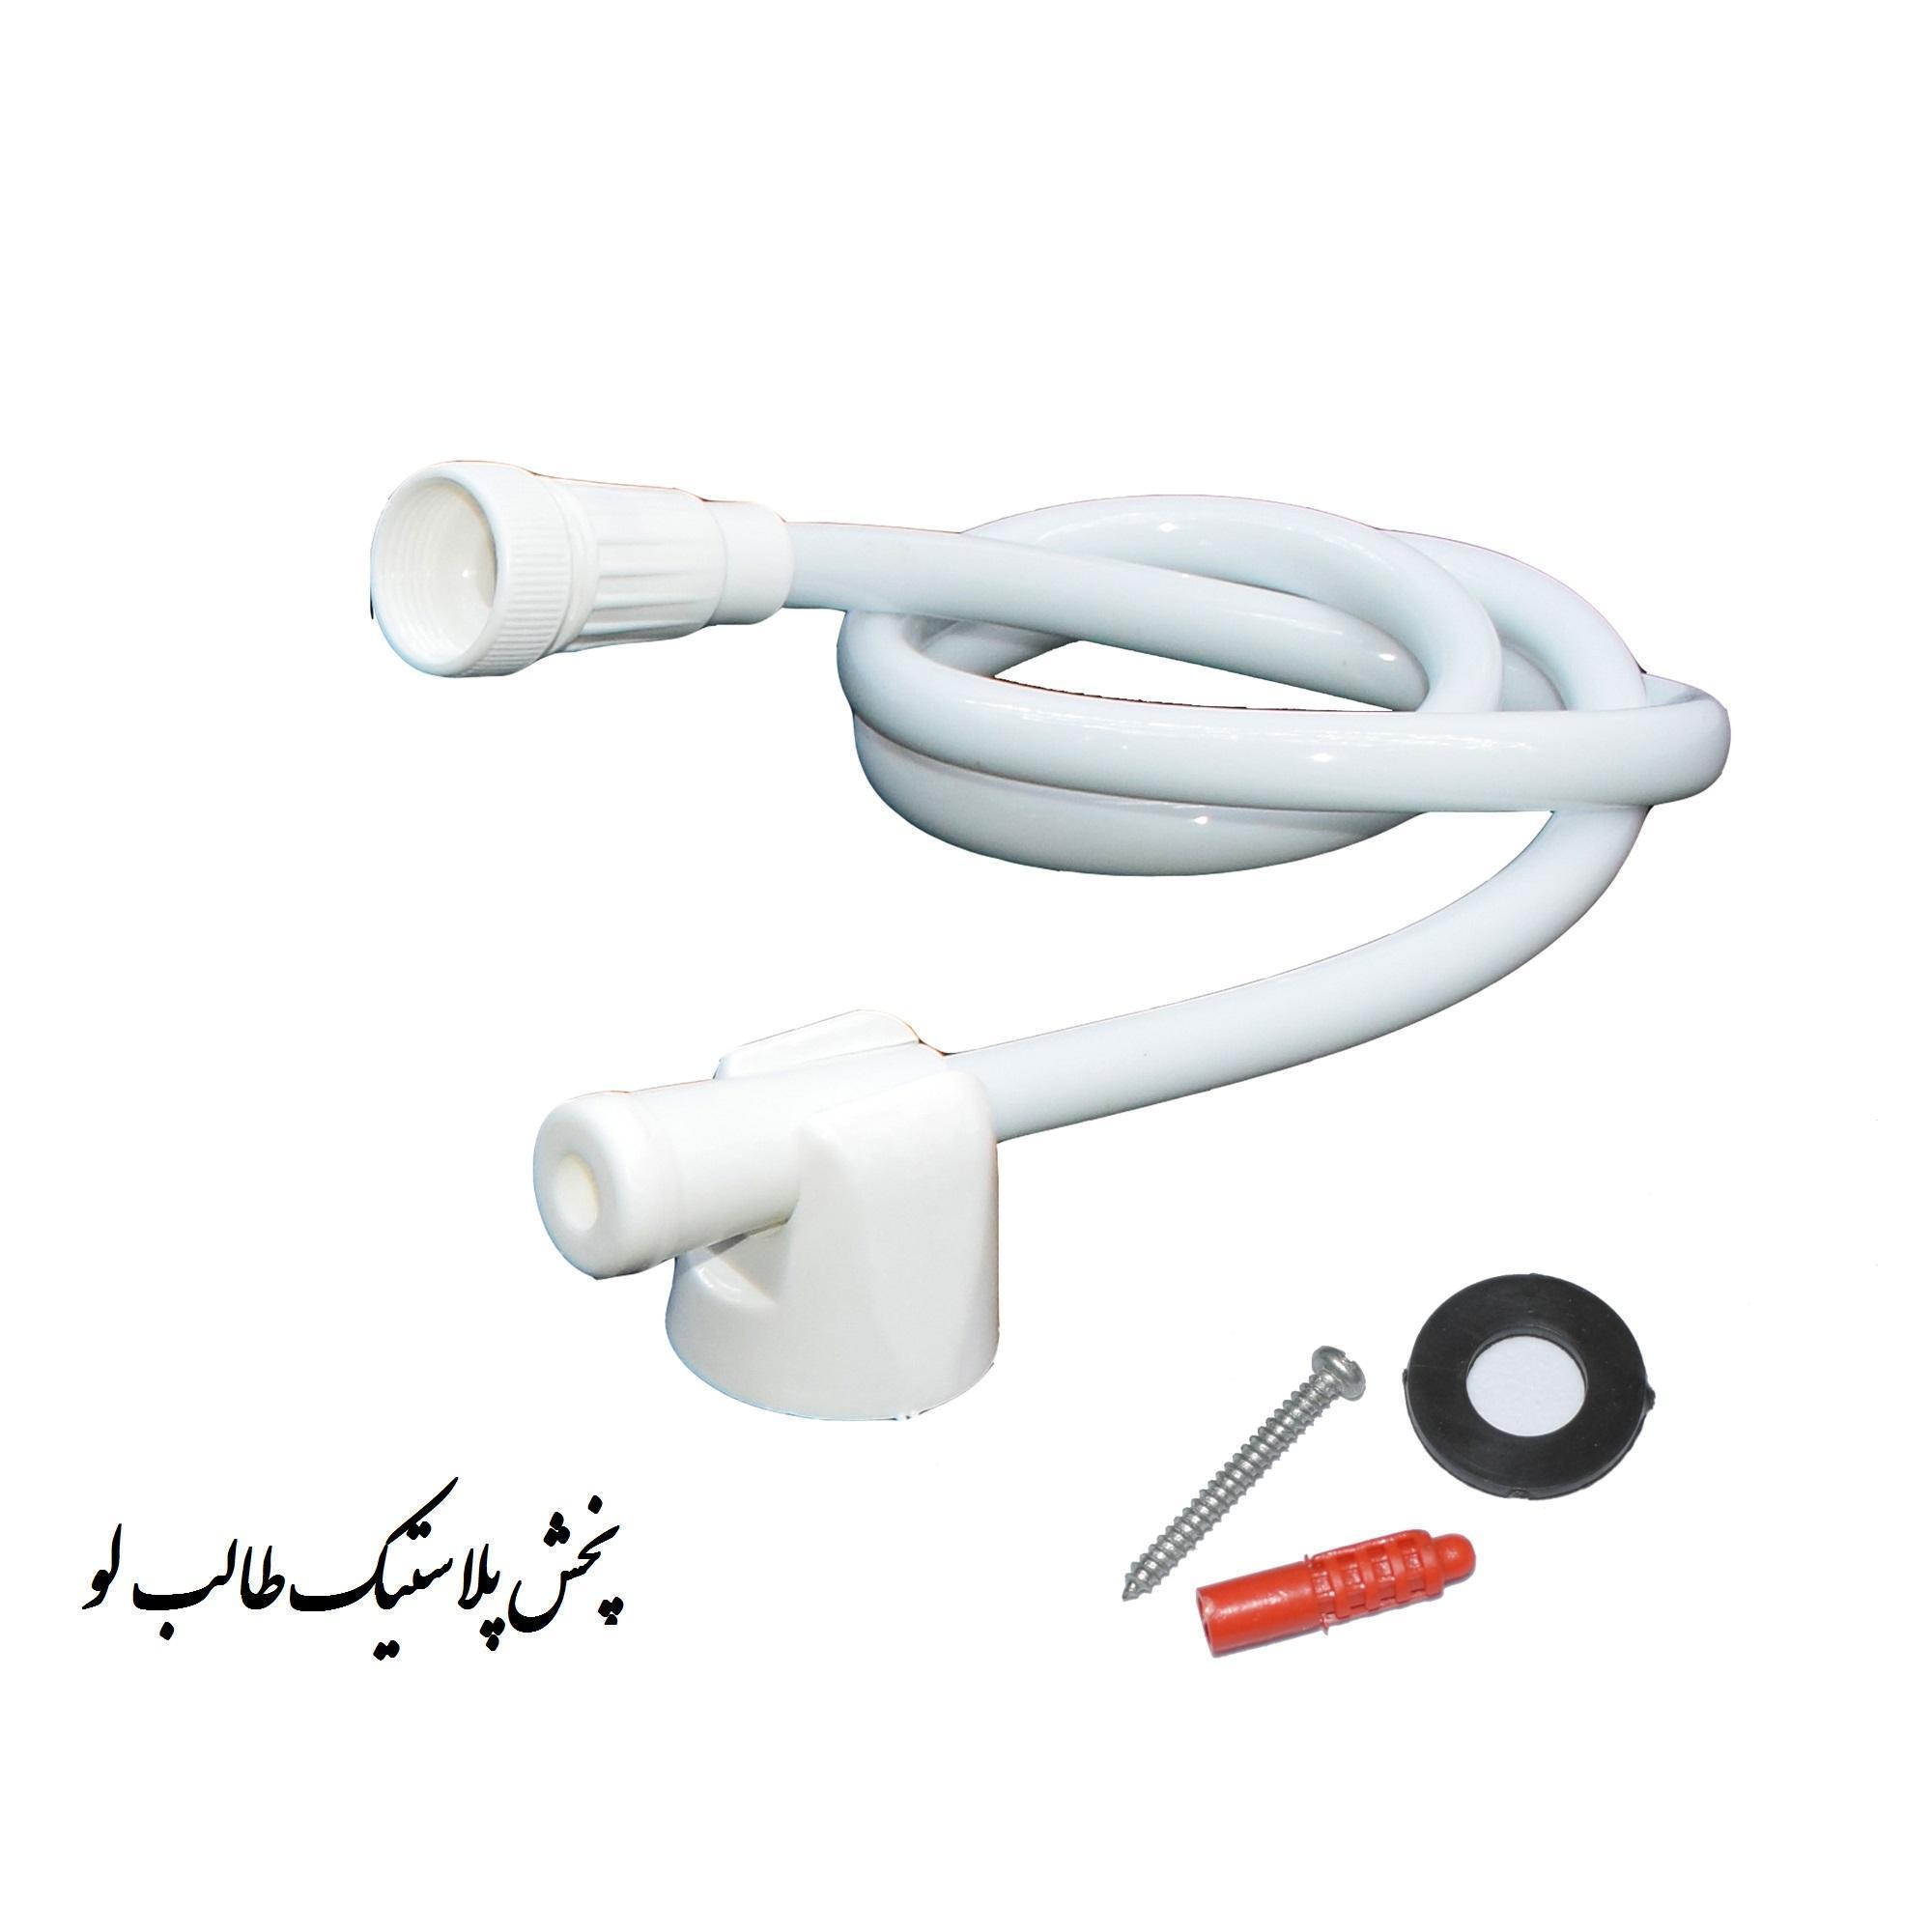 شلنگ دستشویی پلاستیکی پخش و خرید و فروش عمده شیلنگ مواد نو مناسب حراجی 5000 و 10000 فروشی